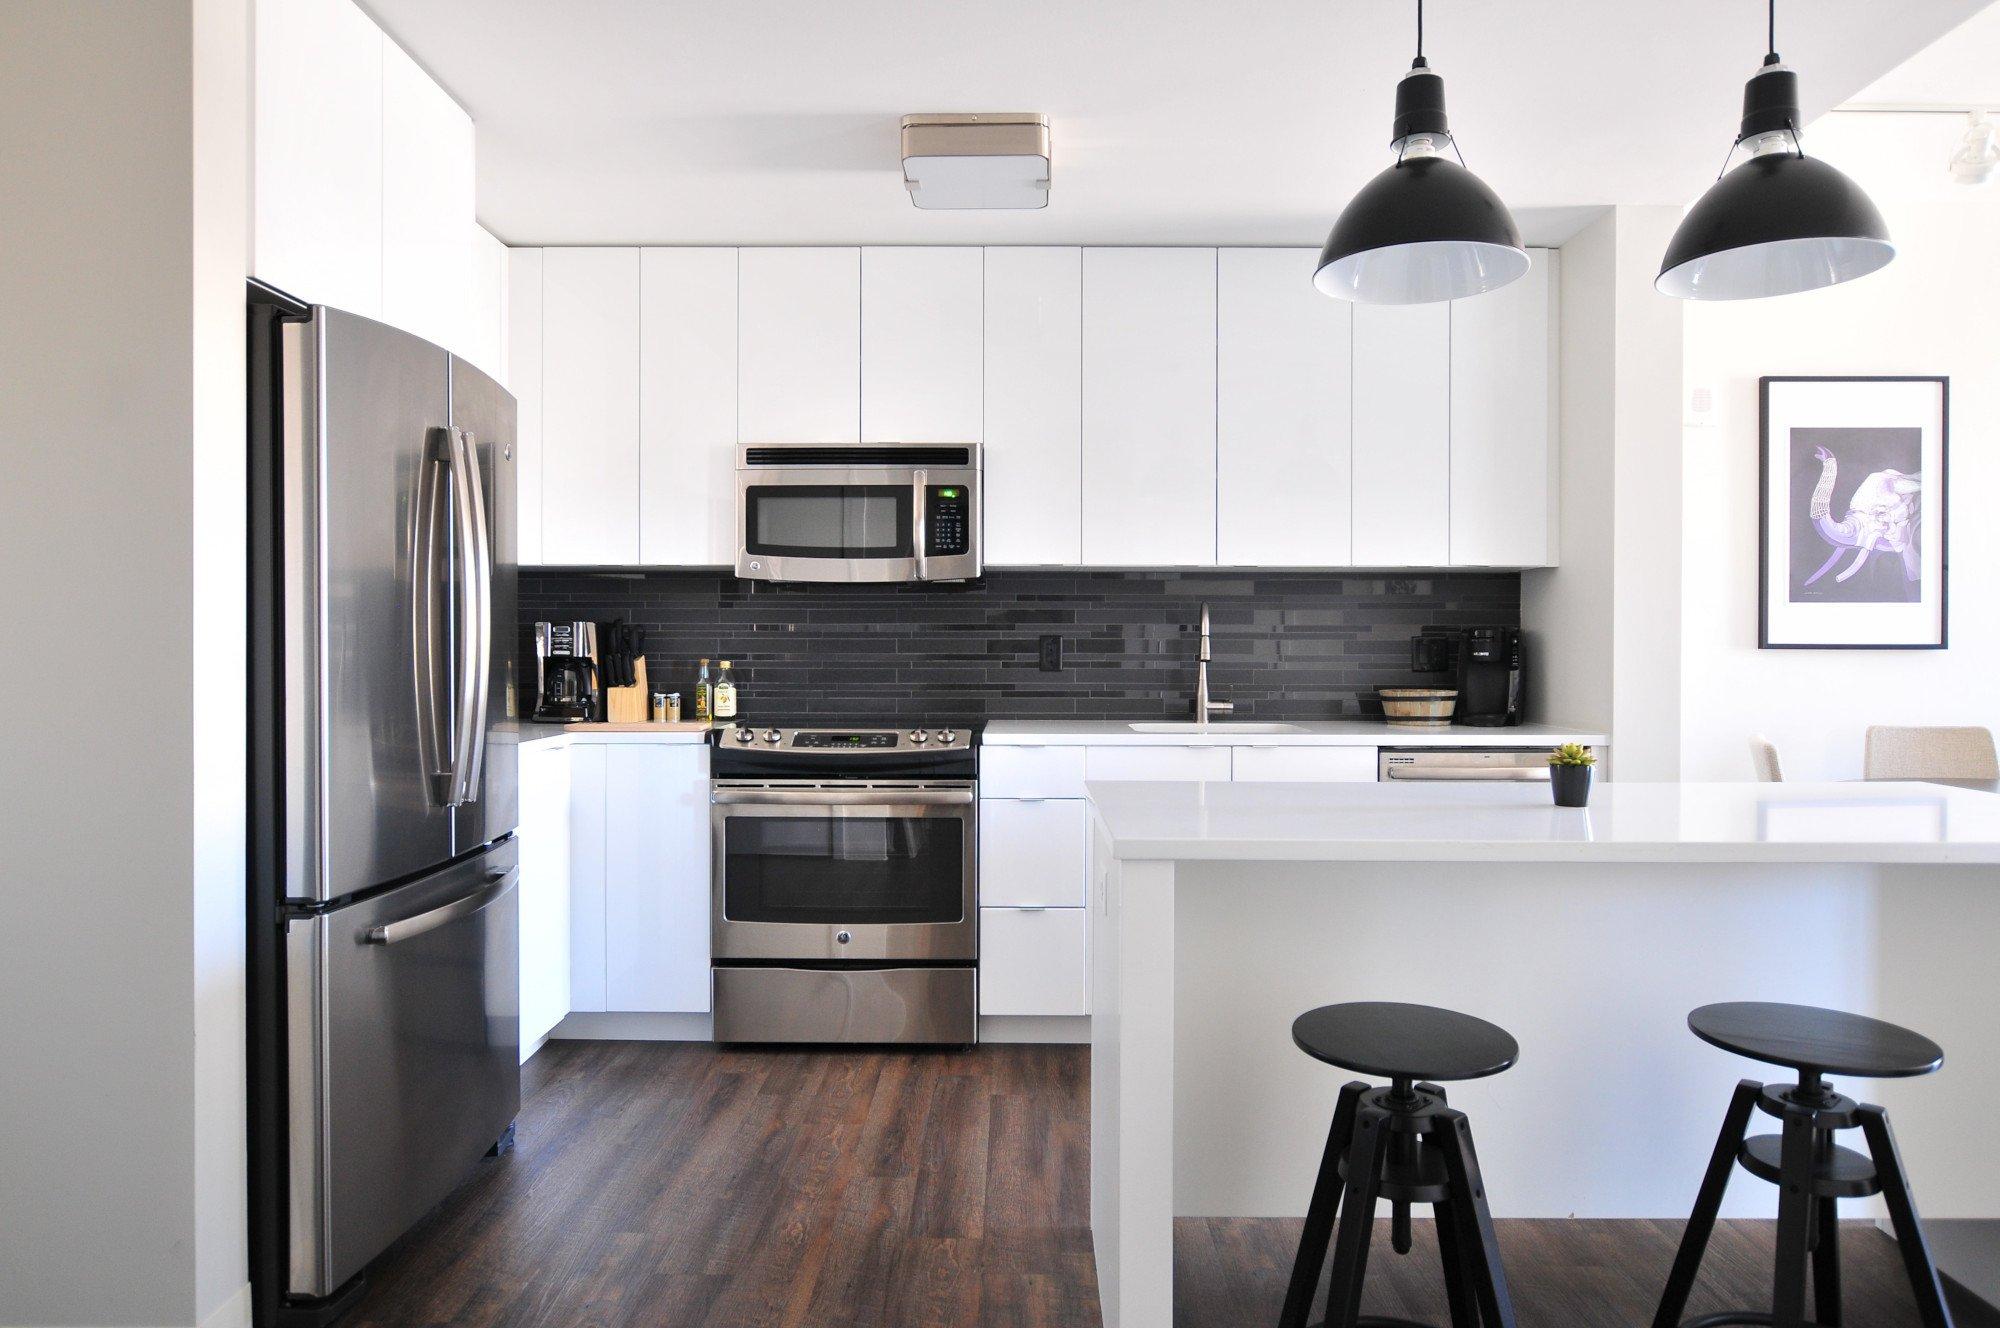 Ein Side-by-Side-Kühlschrank braucht Platz in Küche (Bild: Unsplash/@naomish)